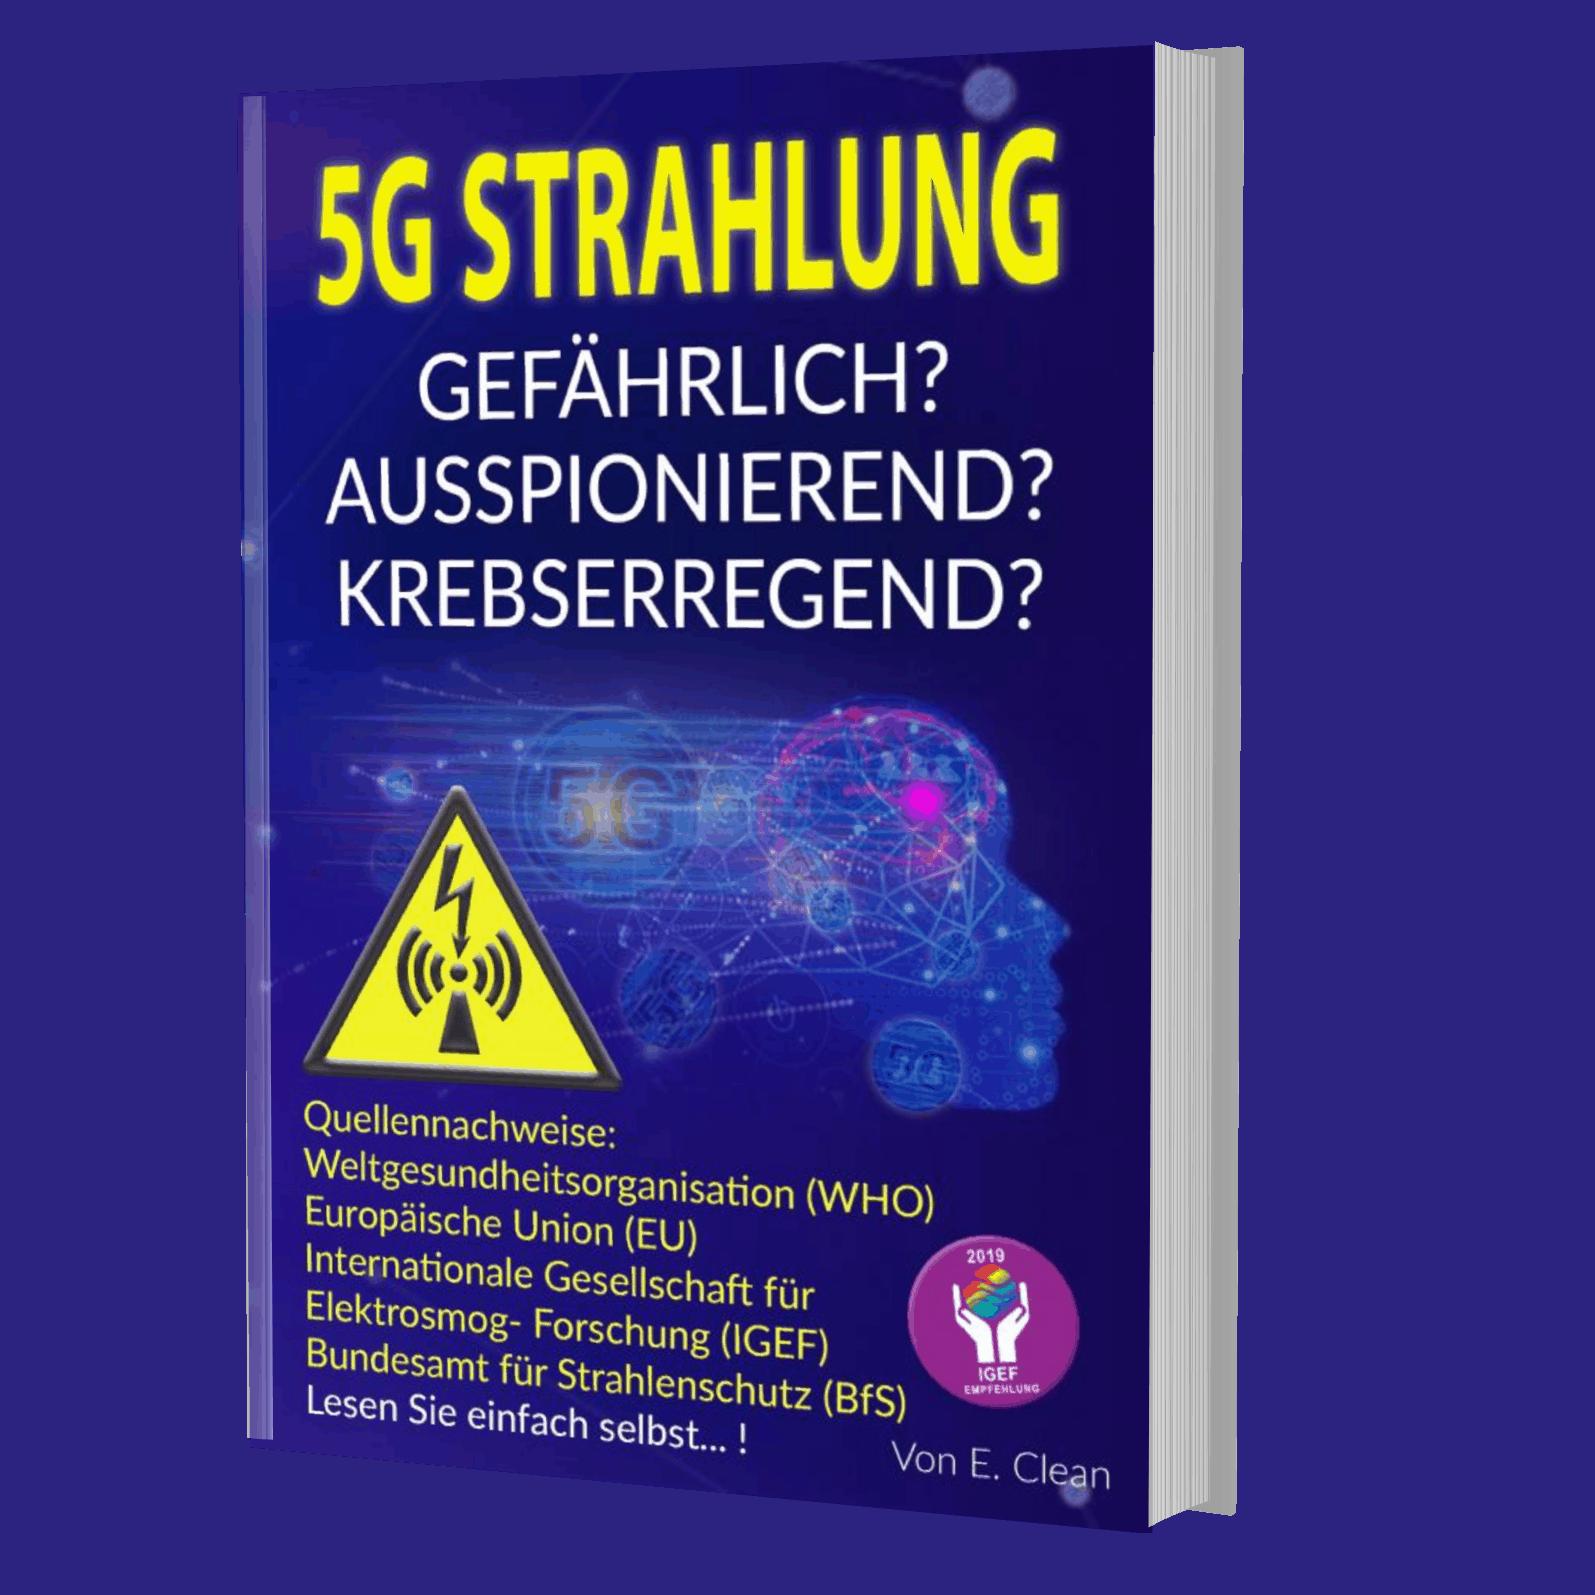 5G-Strahlung-gefährlich-Buch vorne